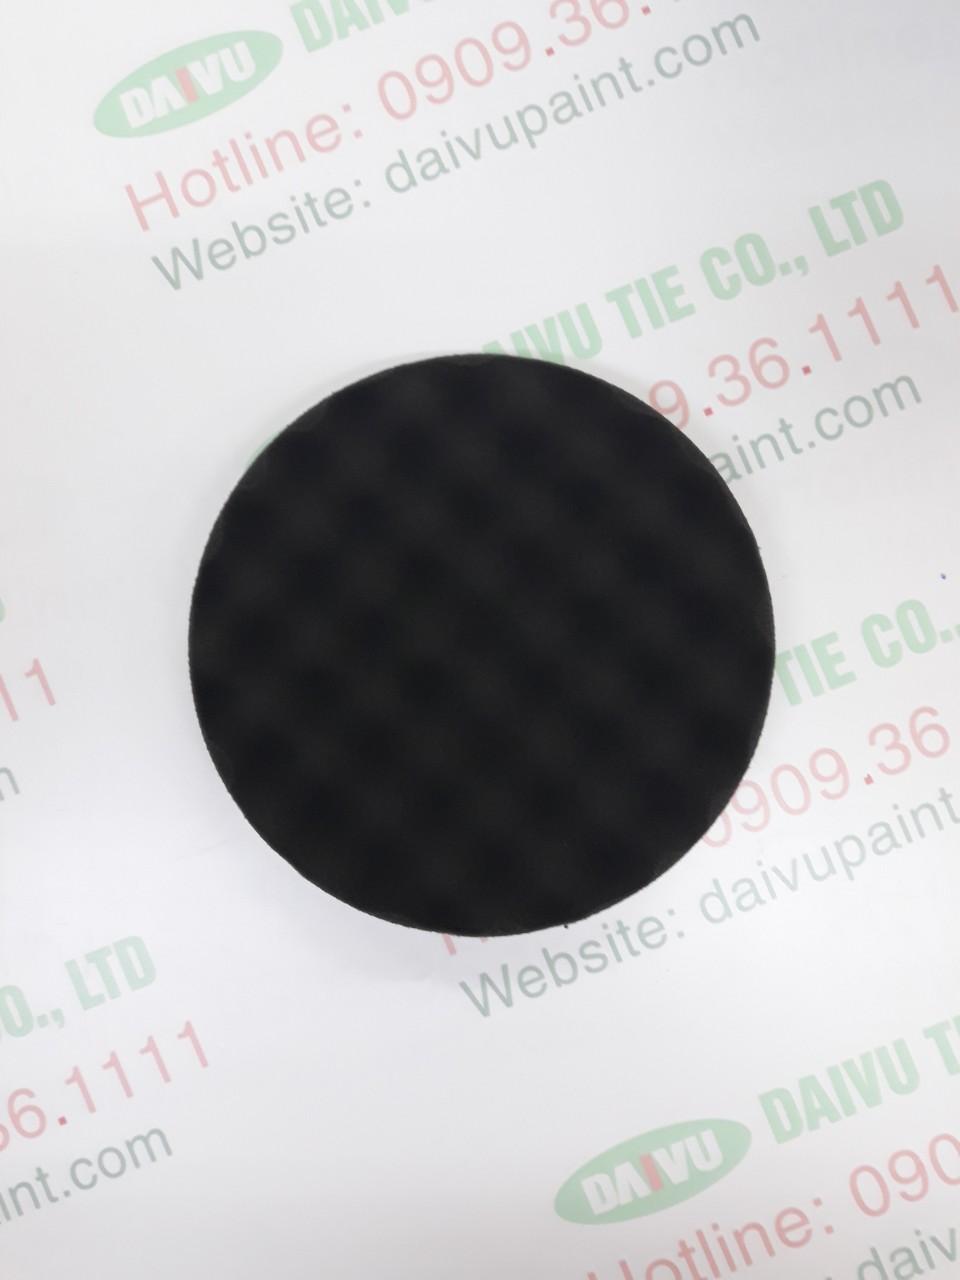 Phớt mút đen 7 inch (siêu mịn)